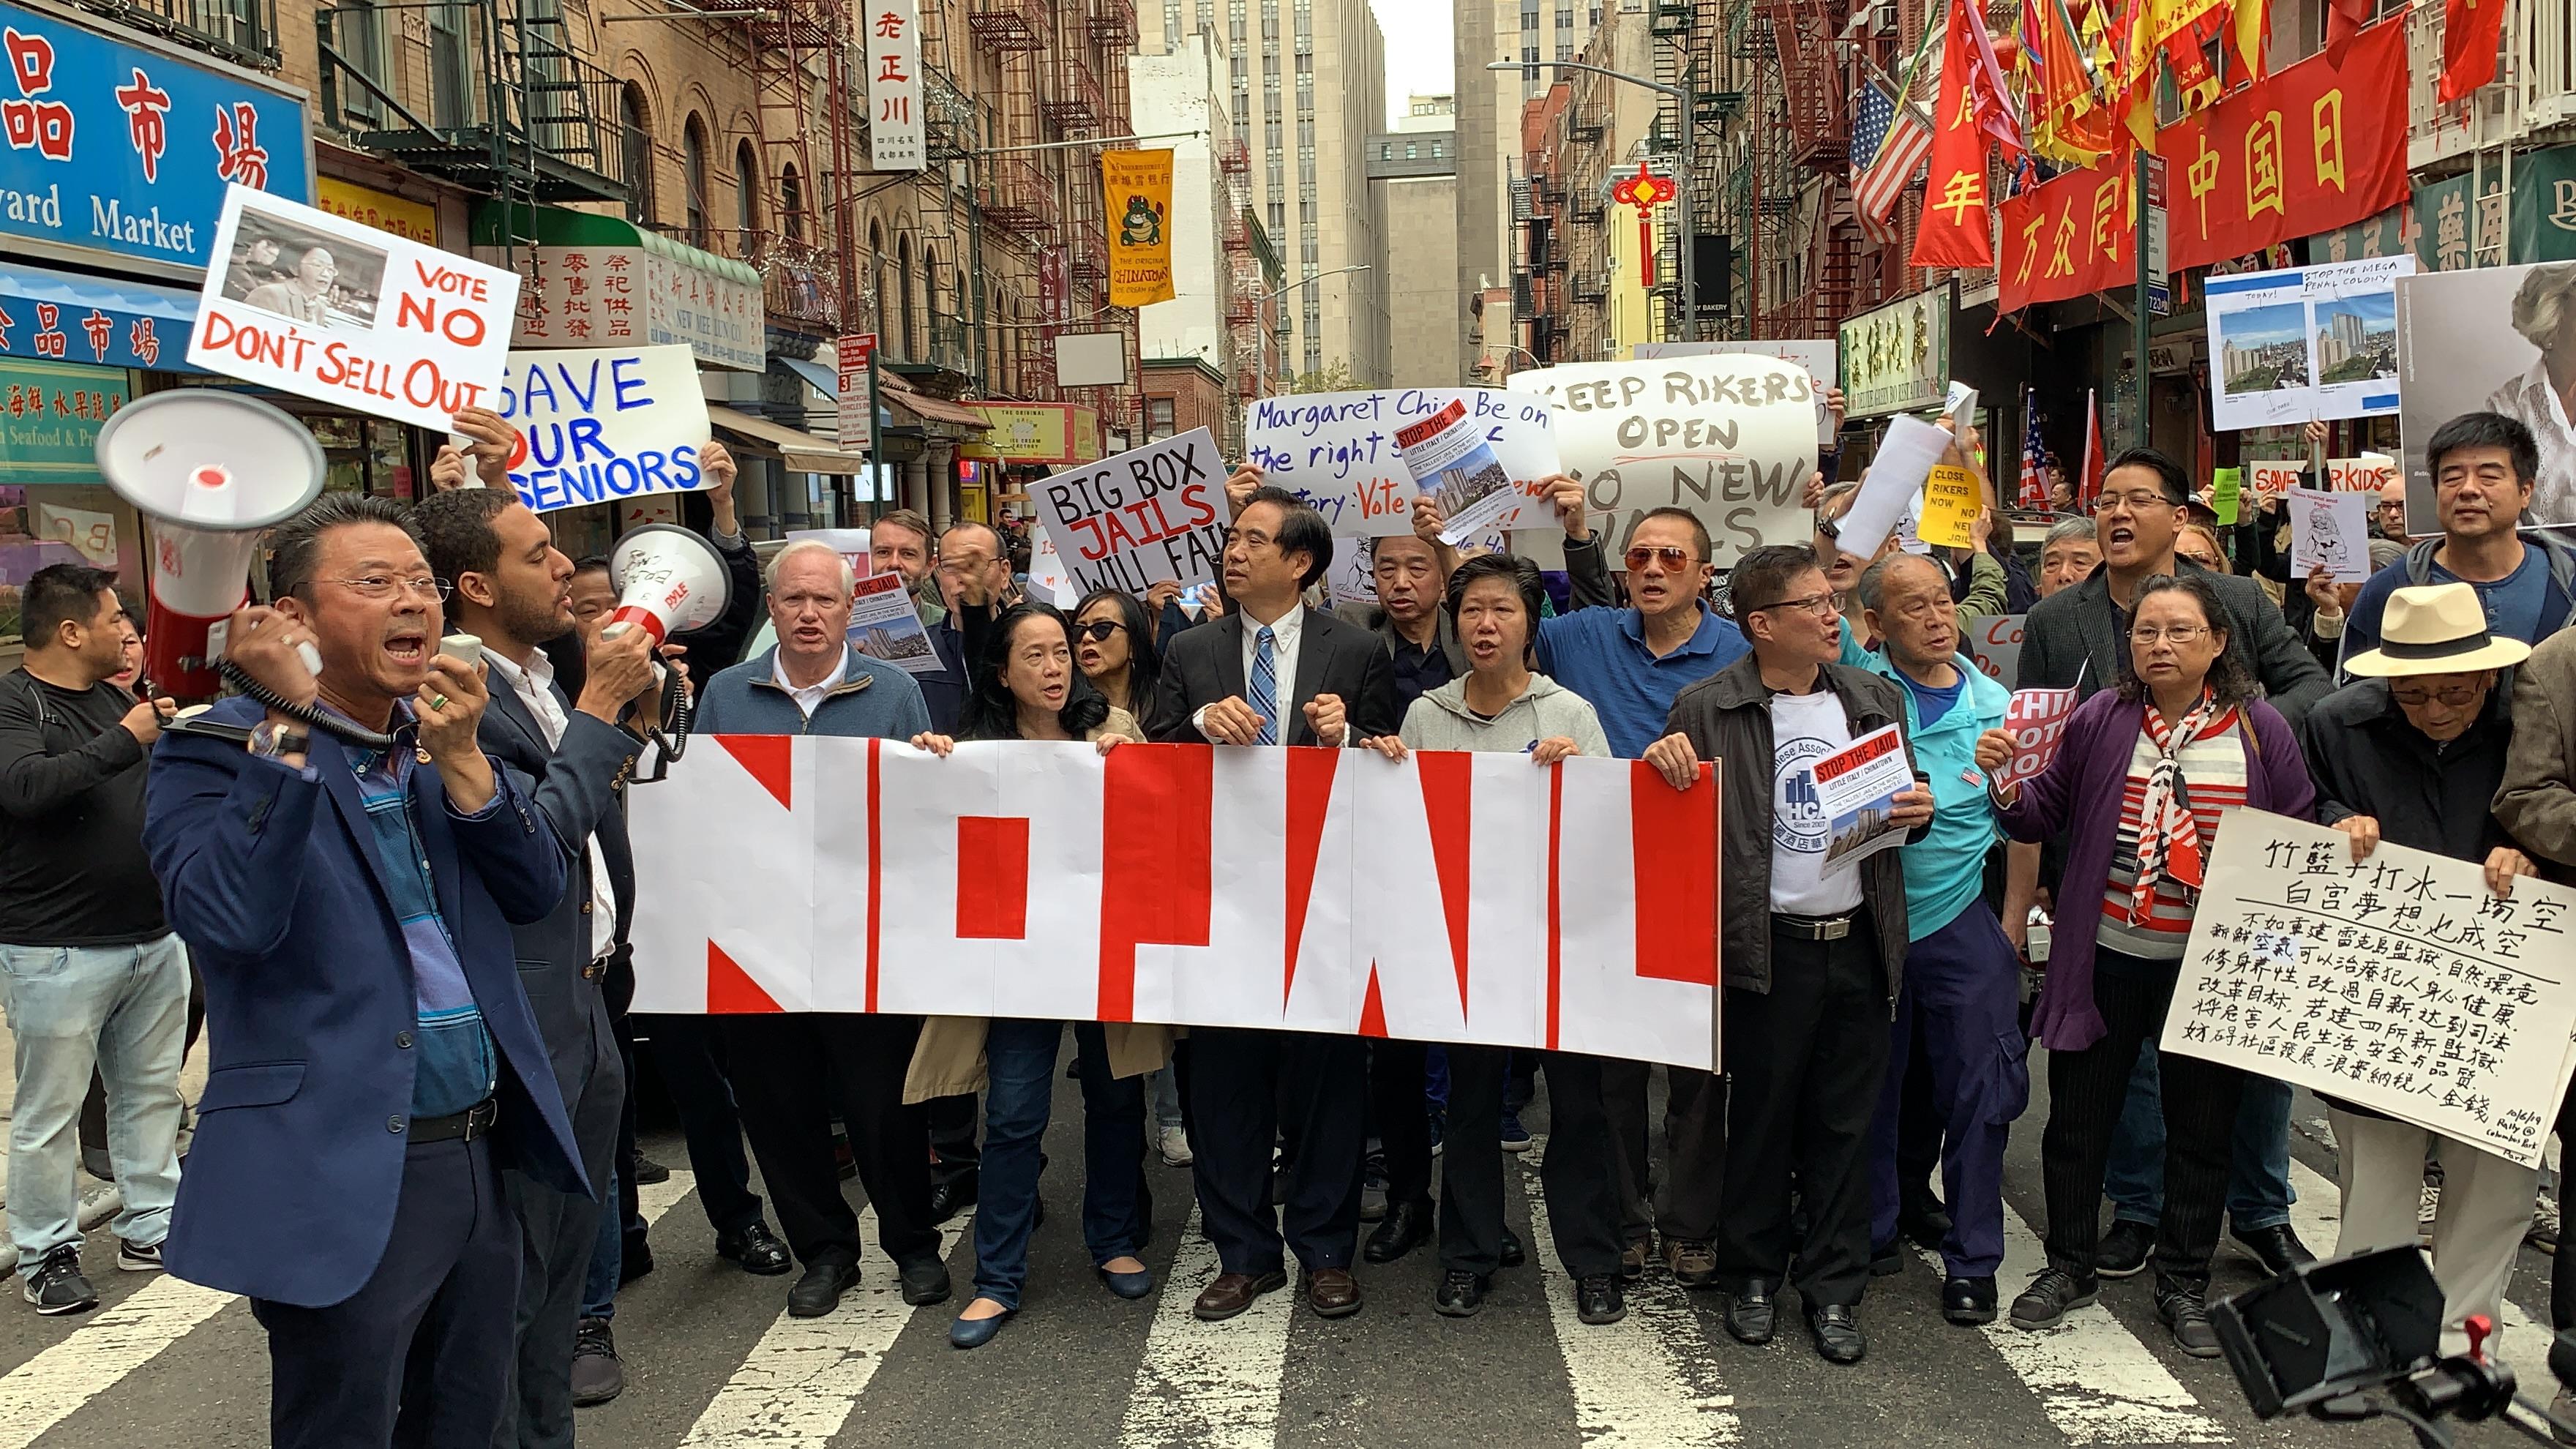 市府計畫在曼哈頓華埠新建城區監獄,遭到華埠社區強烈反對。(記者和釗宇/攝影)